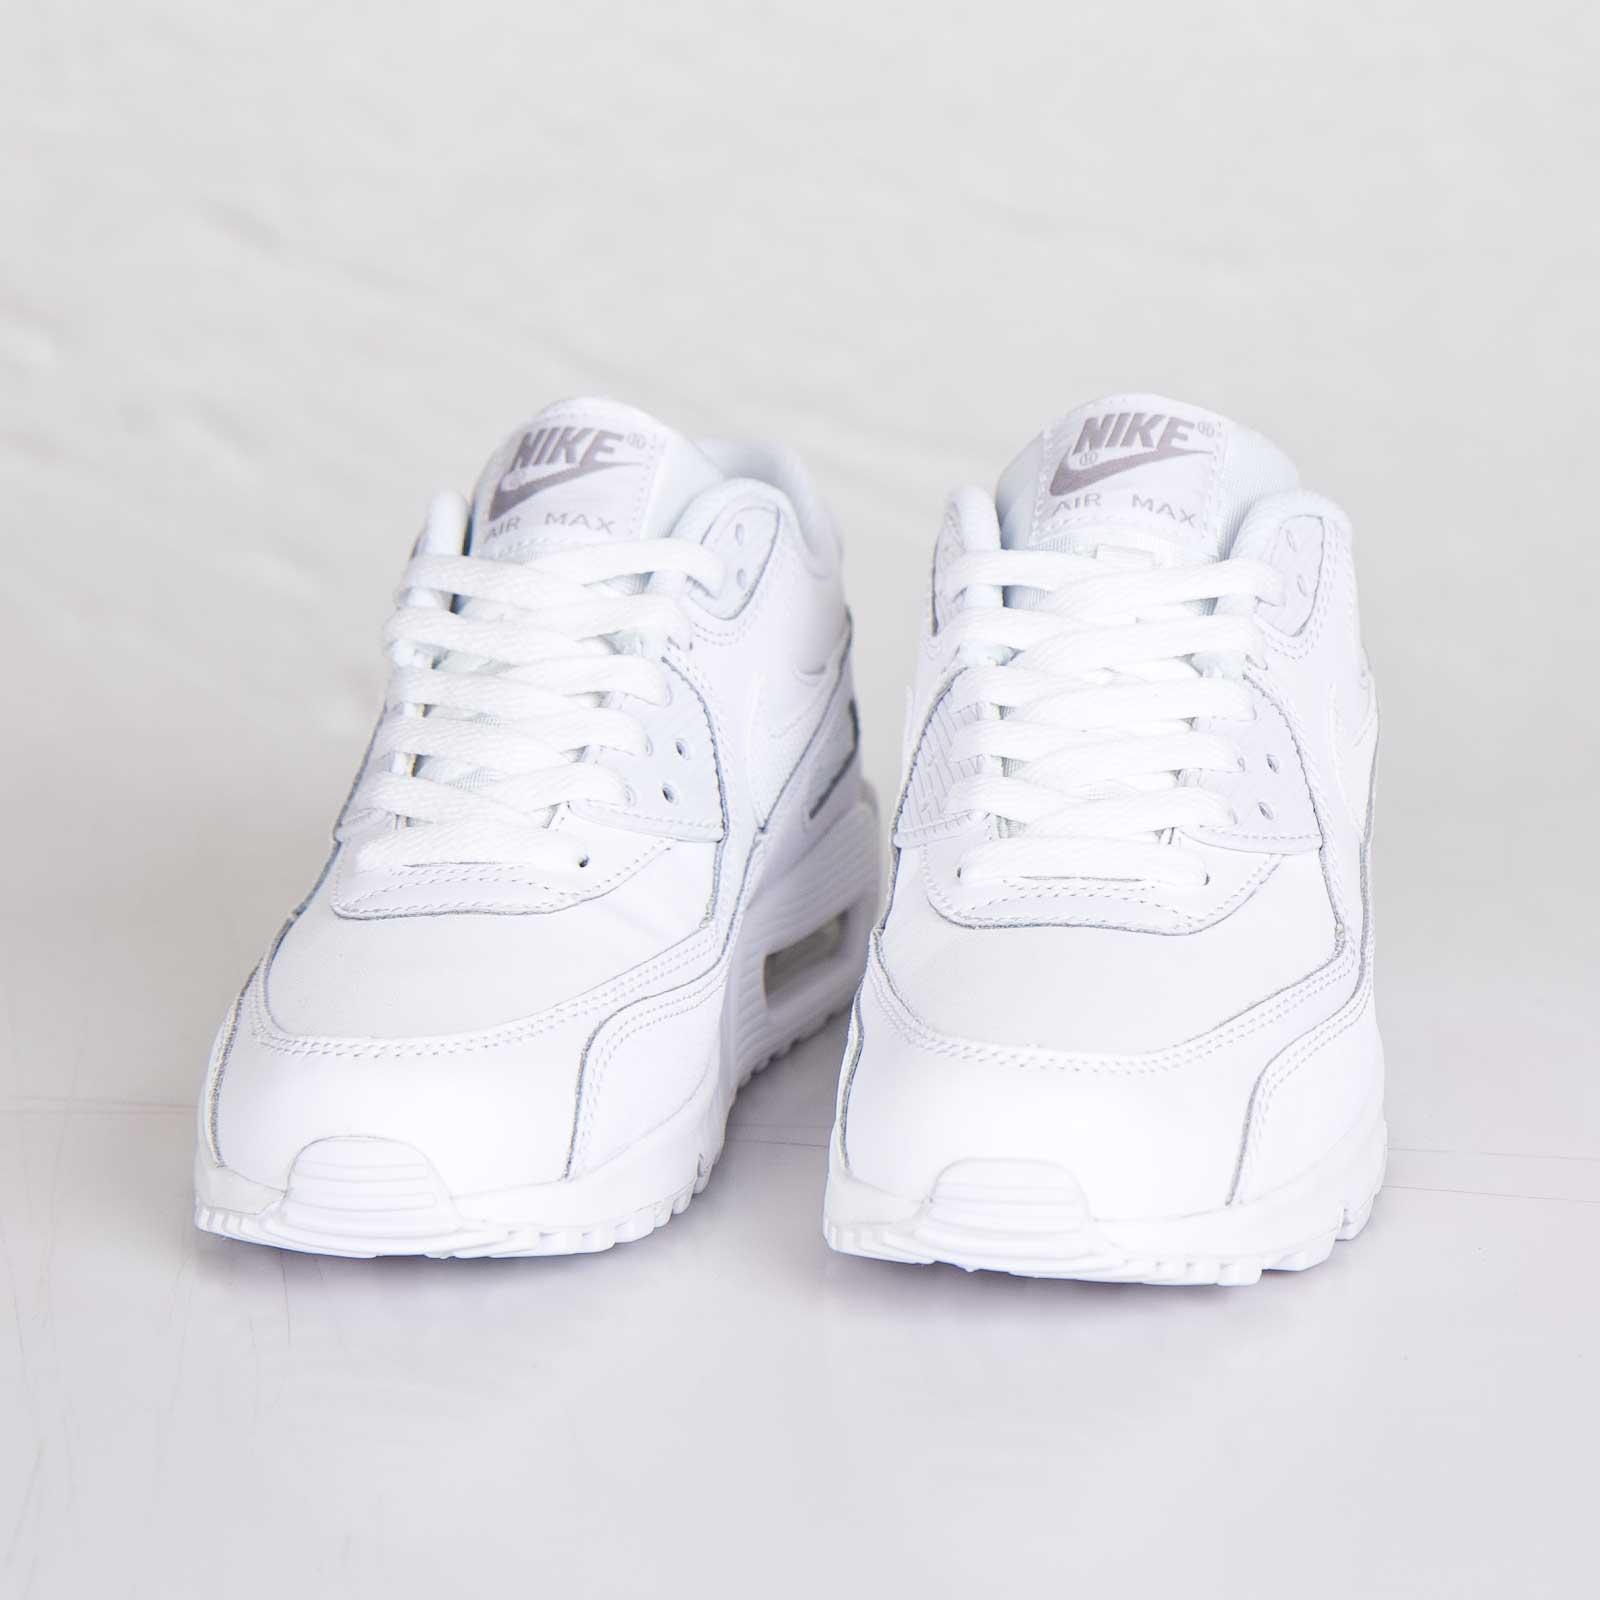 low priced 37243 9bda8 Nike Air Max 90 (GS) - 307793-167 - Sneakersnstuff   sneakers   streetwear  online since 1999